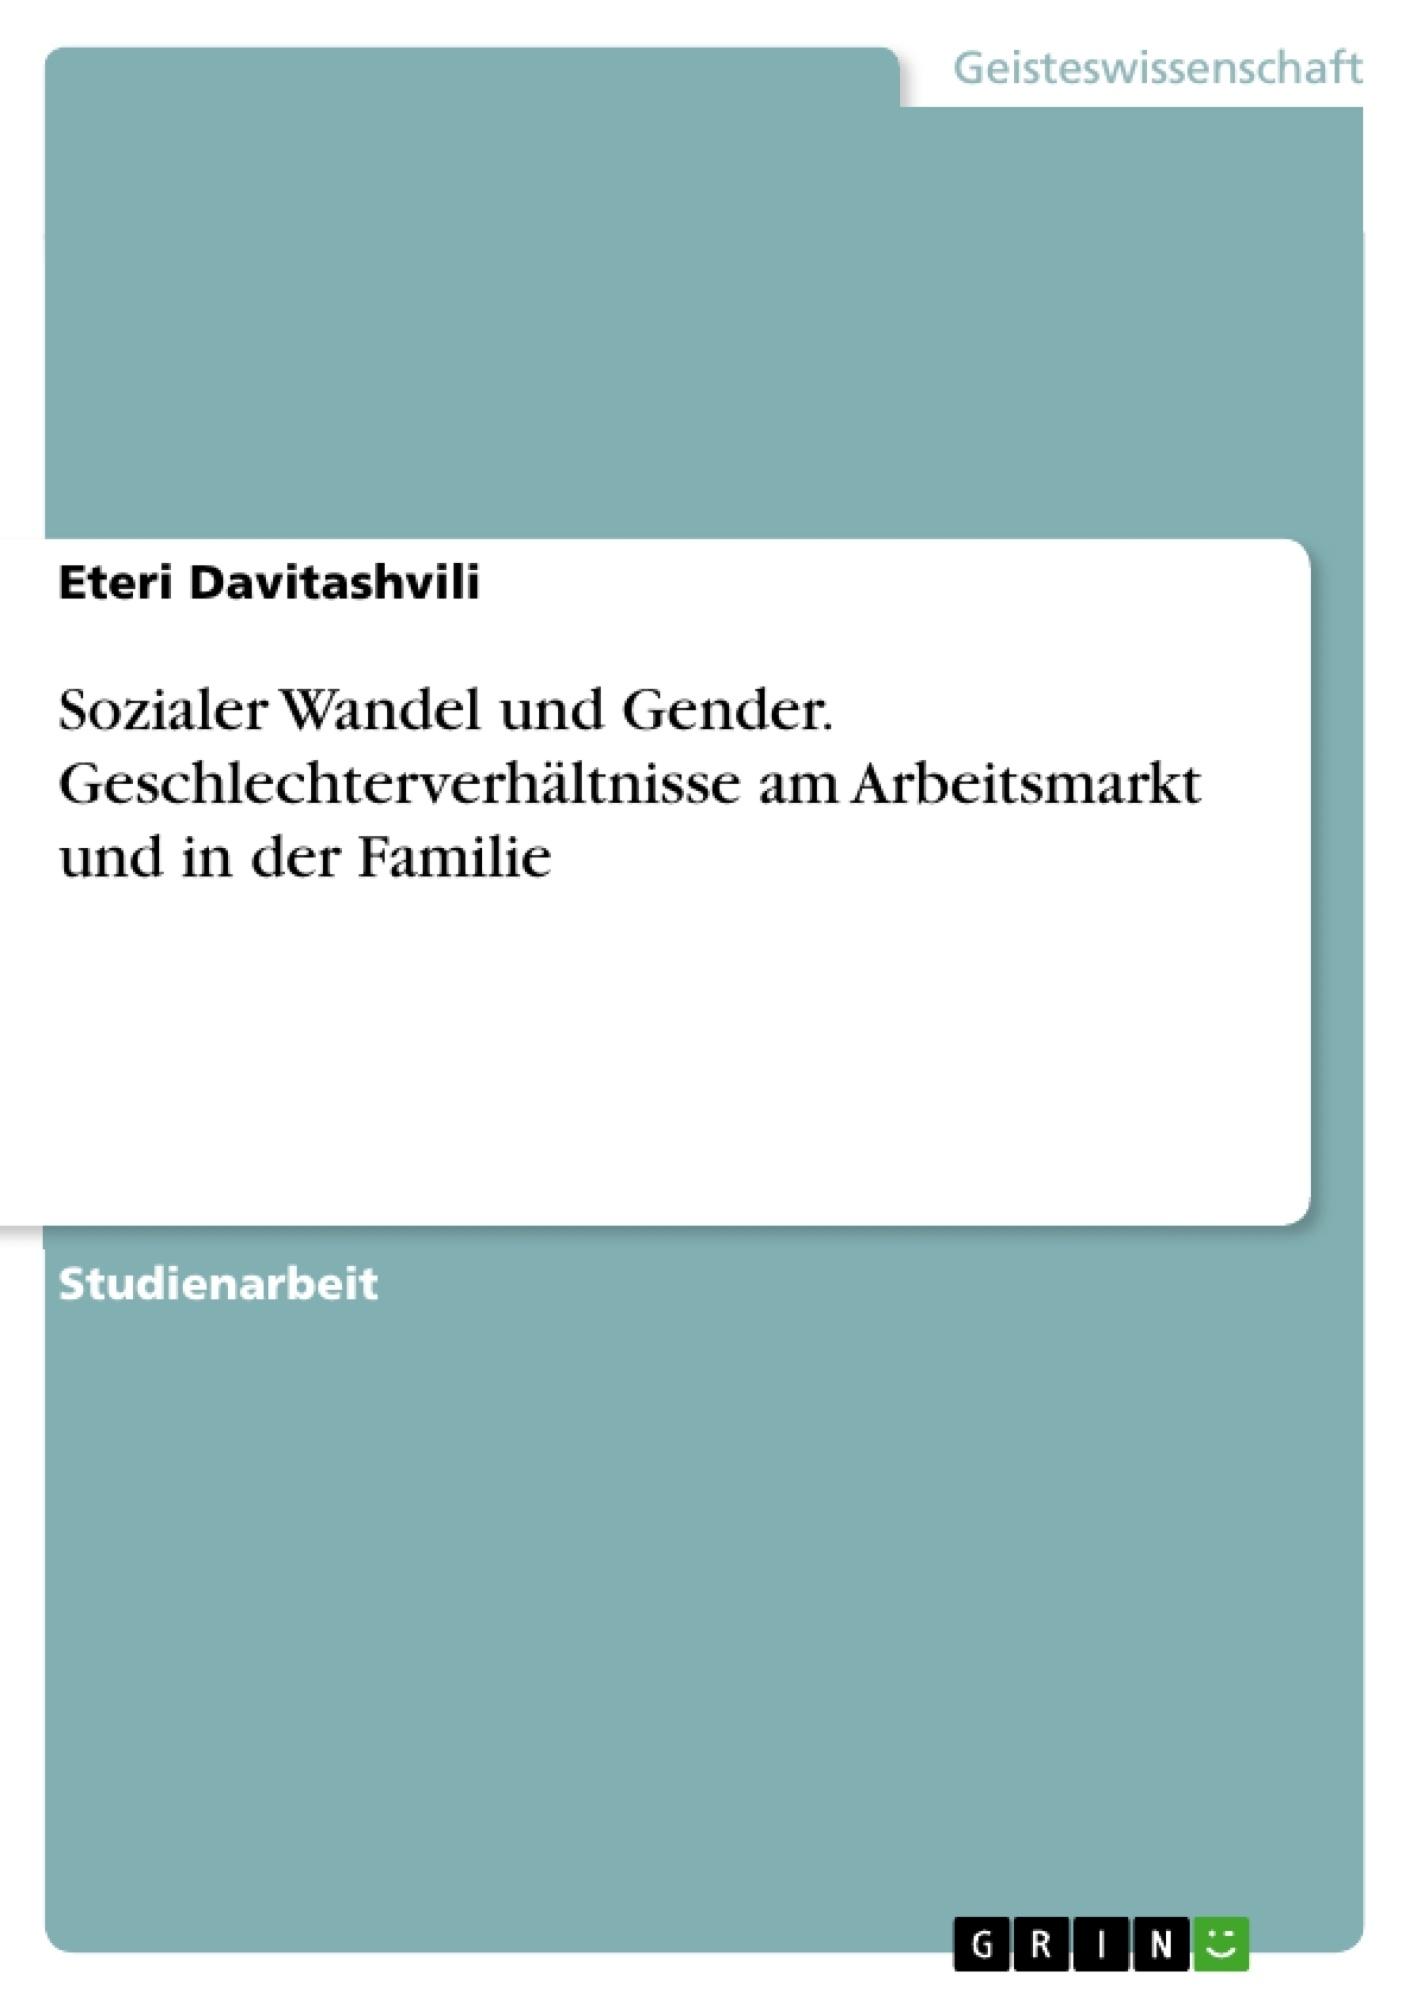 Titel: Sozialer Wandel und Gender. Geschlechterverhältnisse am Arbeitsmarkt und in der Familie